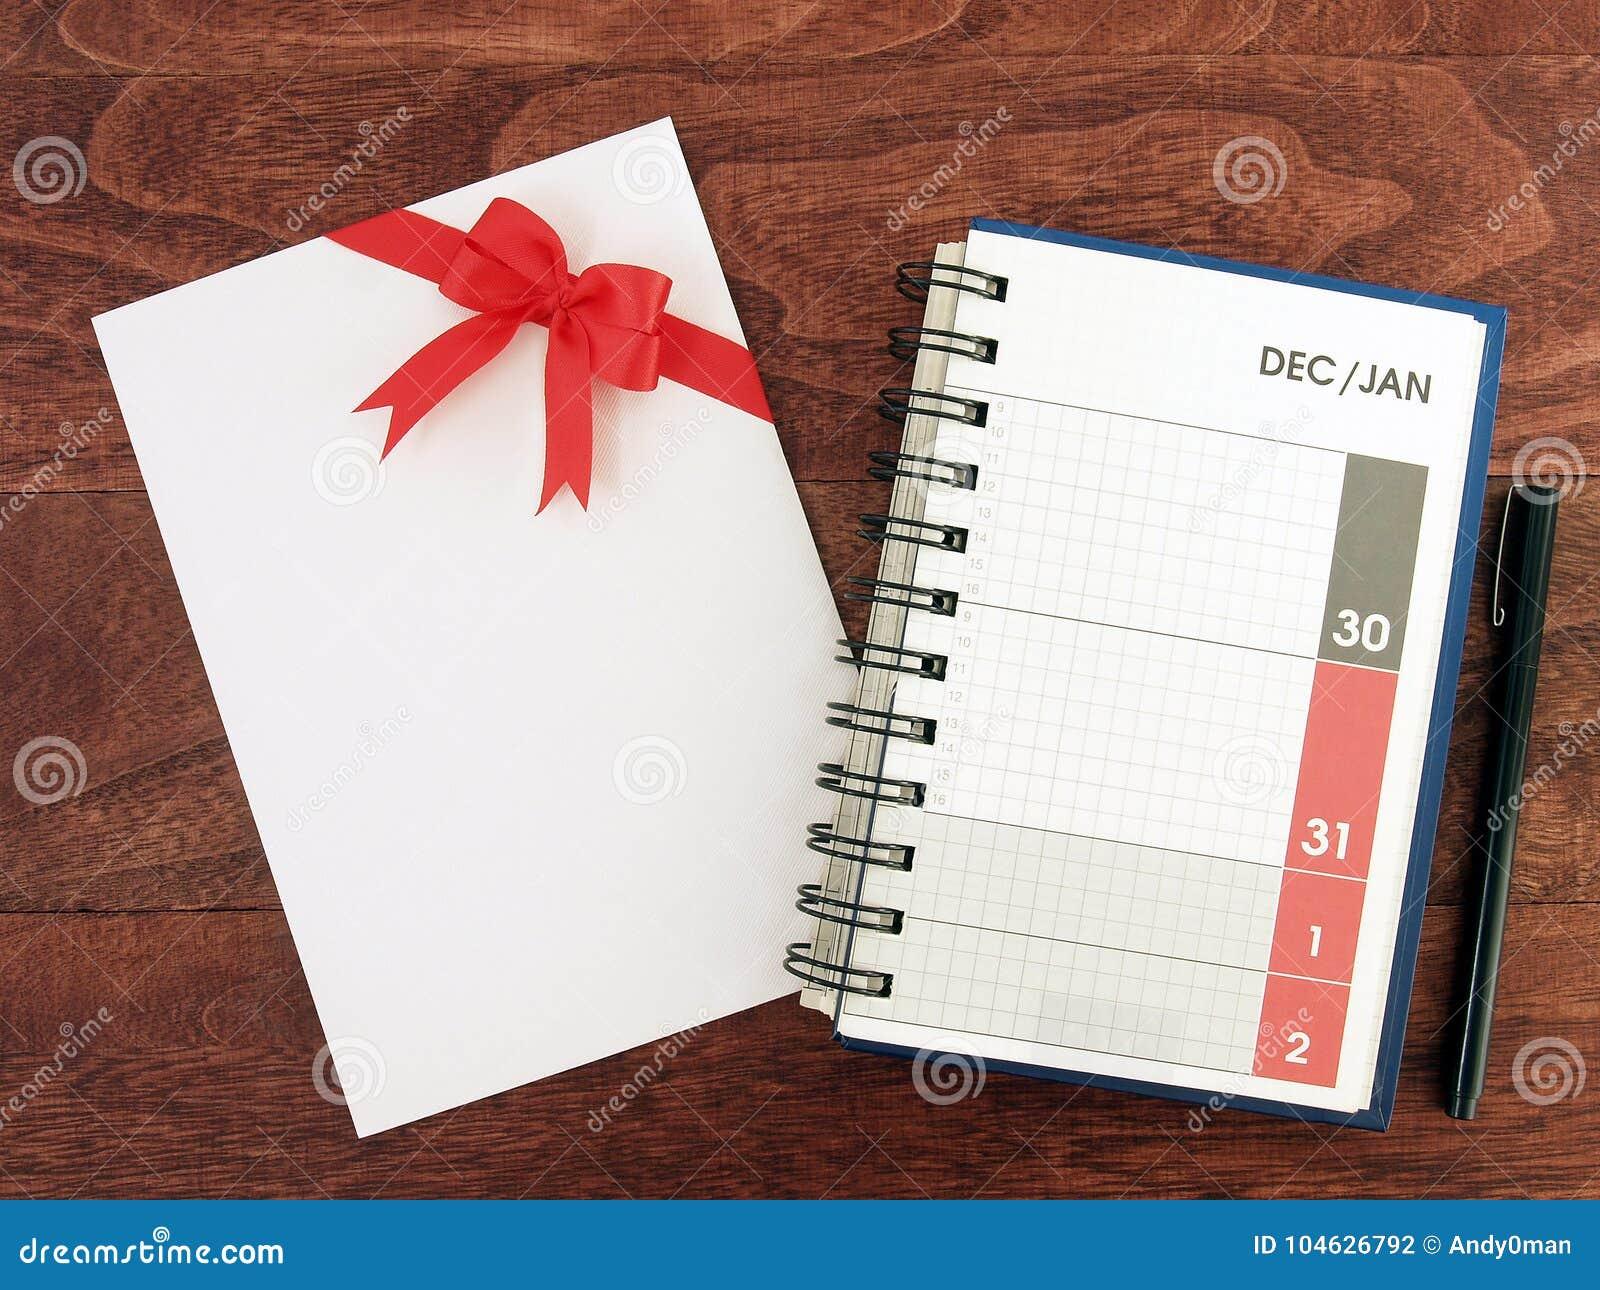 Download De Datum Van December En Januari Op De Ontwerperspagina Van De Kalenderagenda En Witte Envelop Van Groetkaart Met Rood Lint Buige Stock Foto - Afbeelding bestaande uit close, vier: 104626792